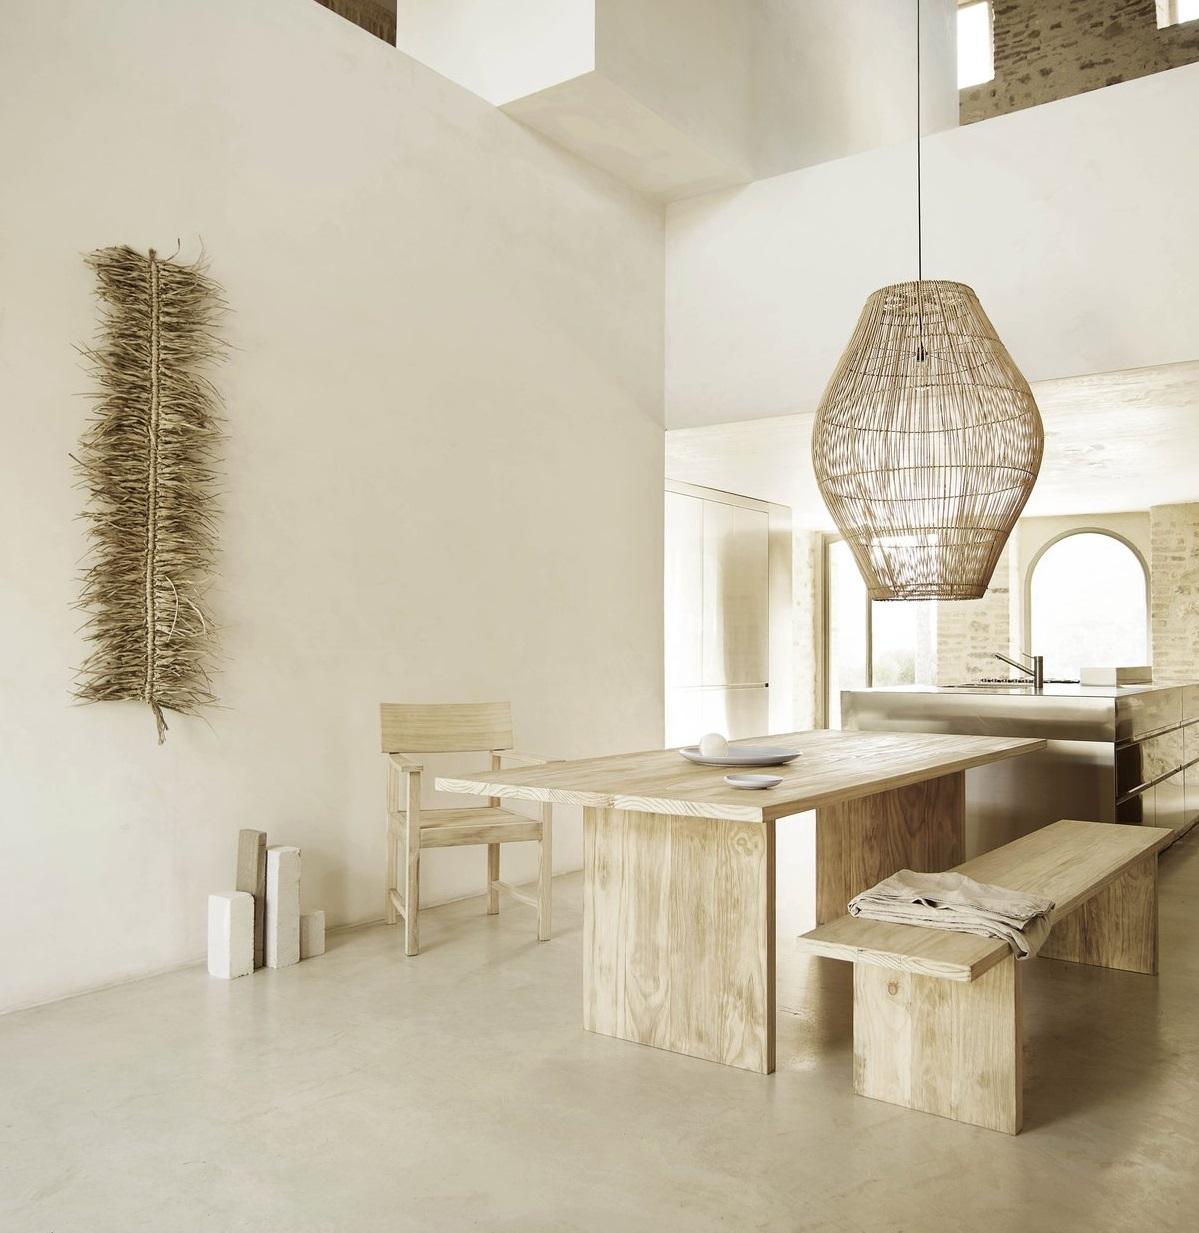 abat jour dome naturel 40cm h60cm tine k home. Black Bedroom Furniture Sets. Home Design Ideas